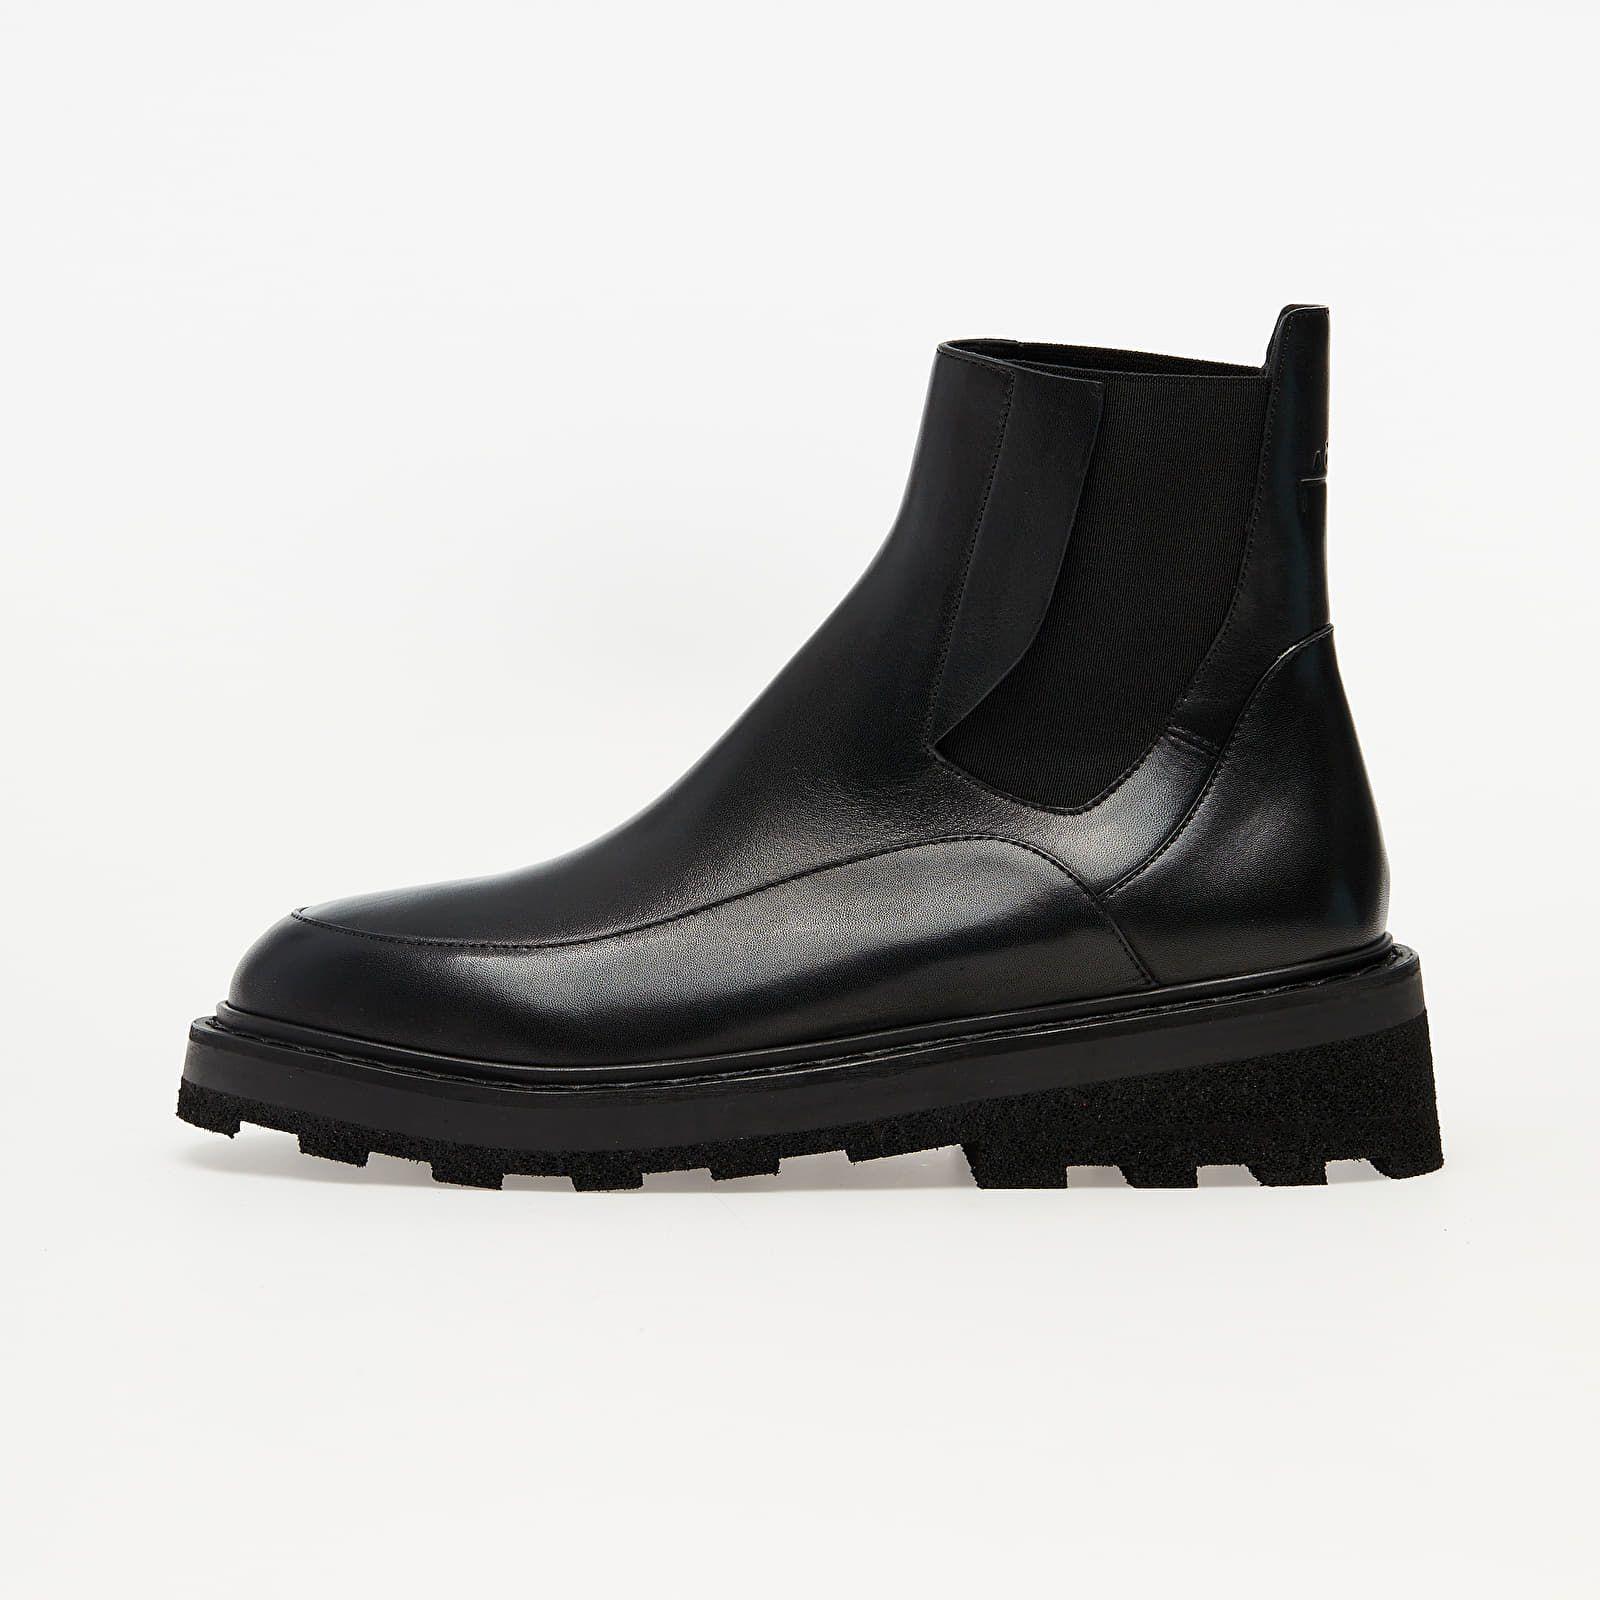 Vybrali sme 6 najzaujímavejších modelov topánok do snehu, dažďa a zimy